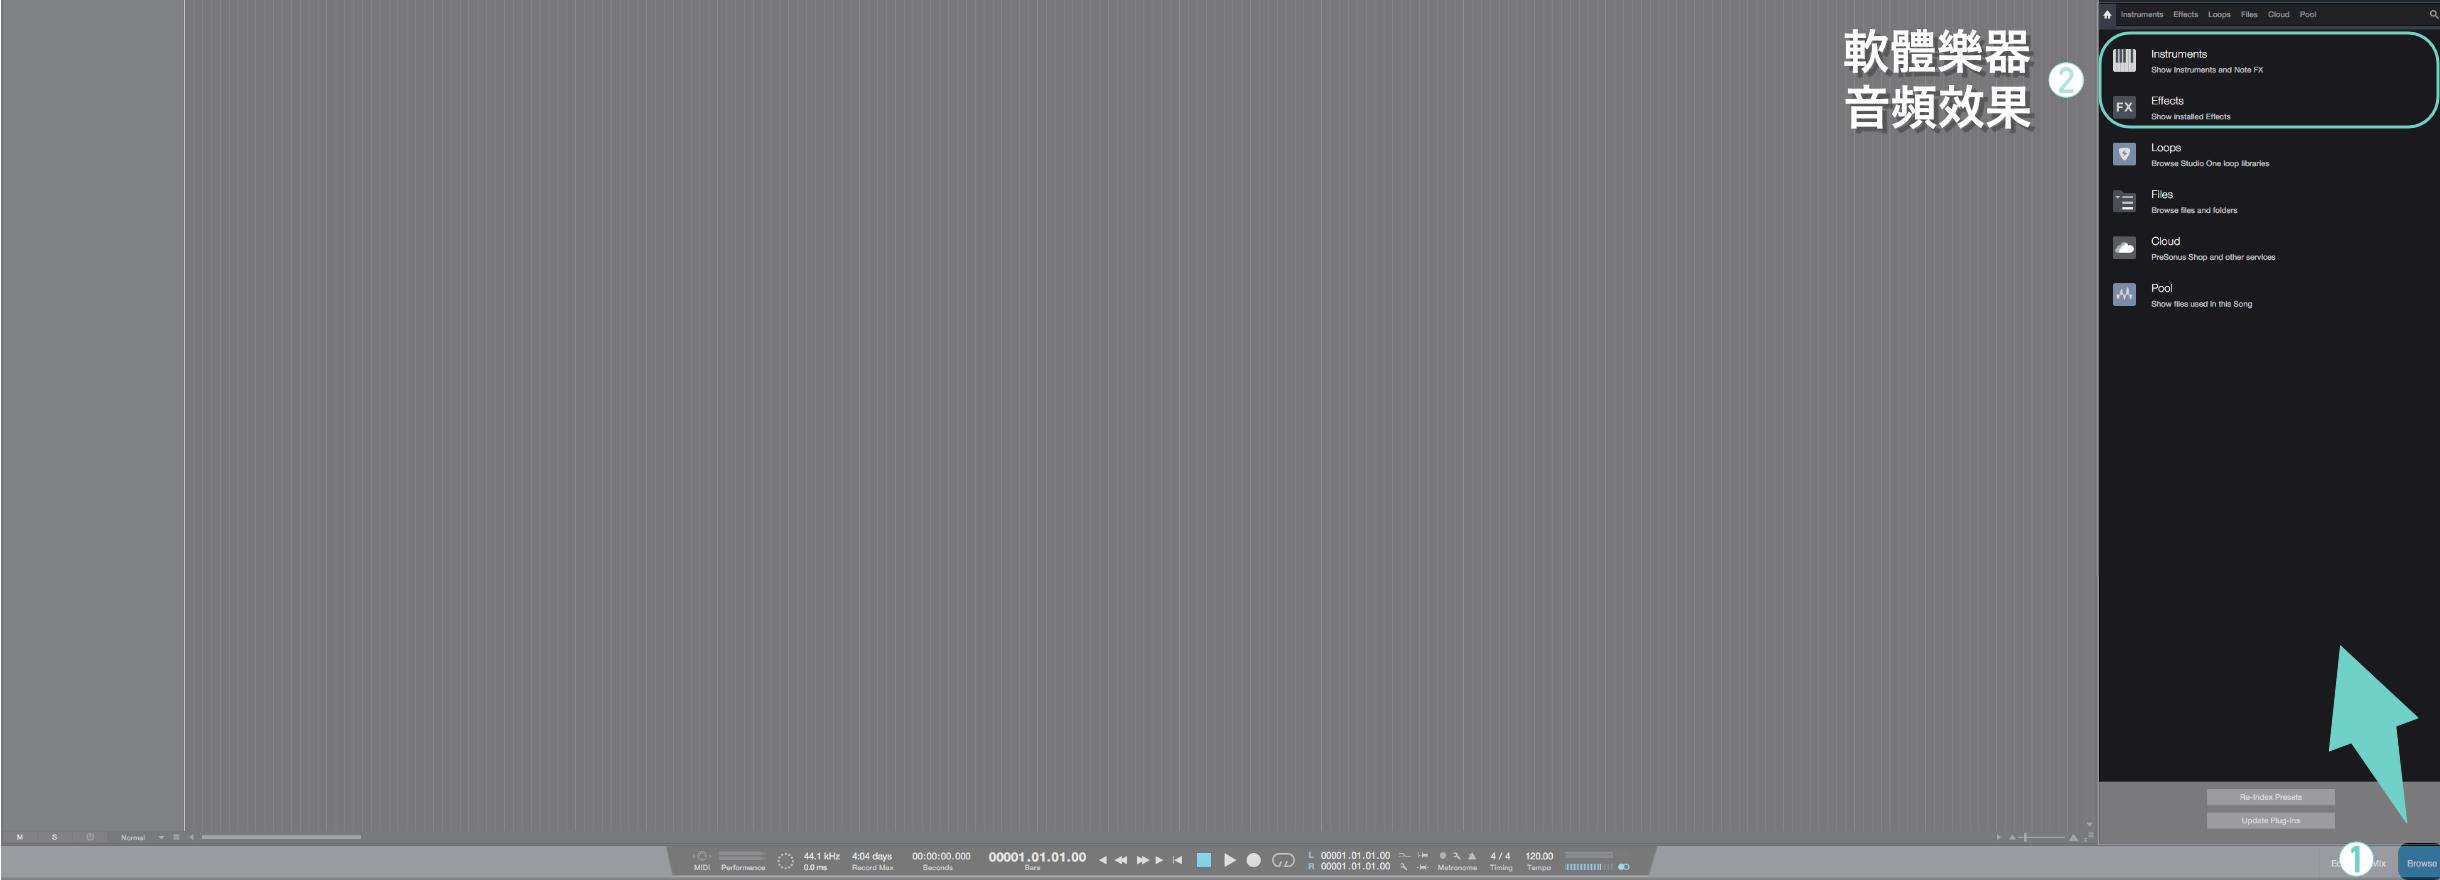 在 Studio One 3 軟體畫面的右下角有一個 Browser 的按鈕可以開啟 Browser 視窗。在視窗中有 軟體樂器 與 軟體效果 兩種分類可供選擇。